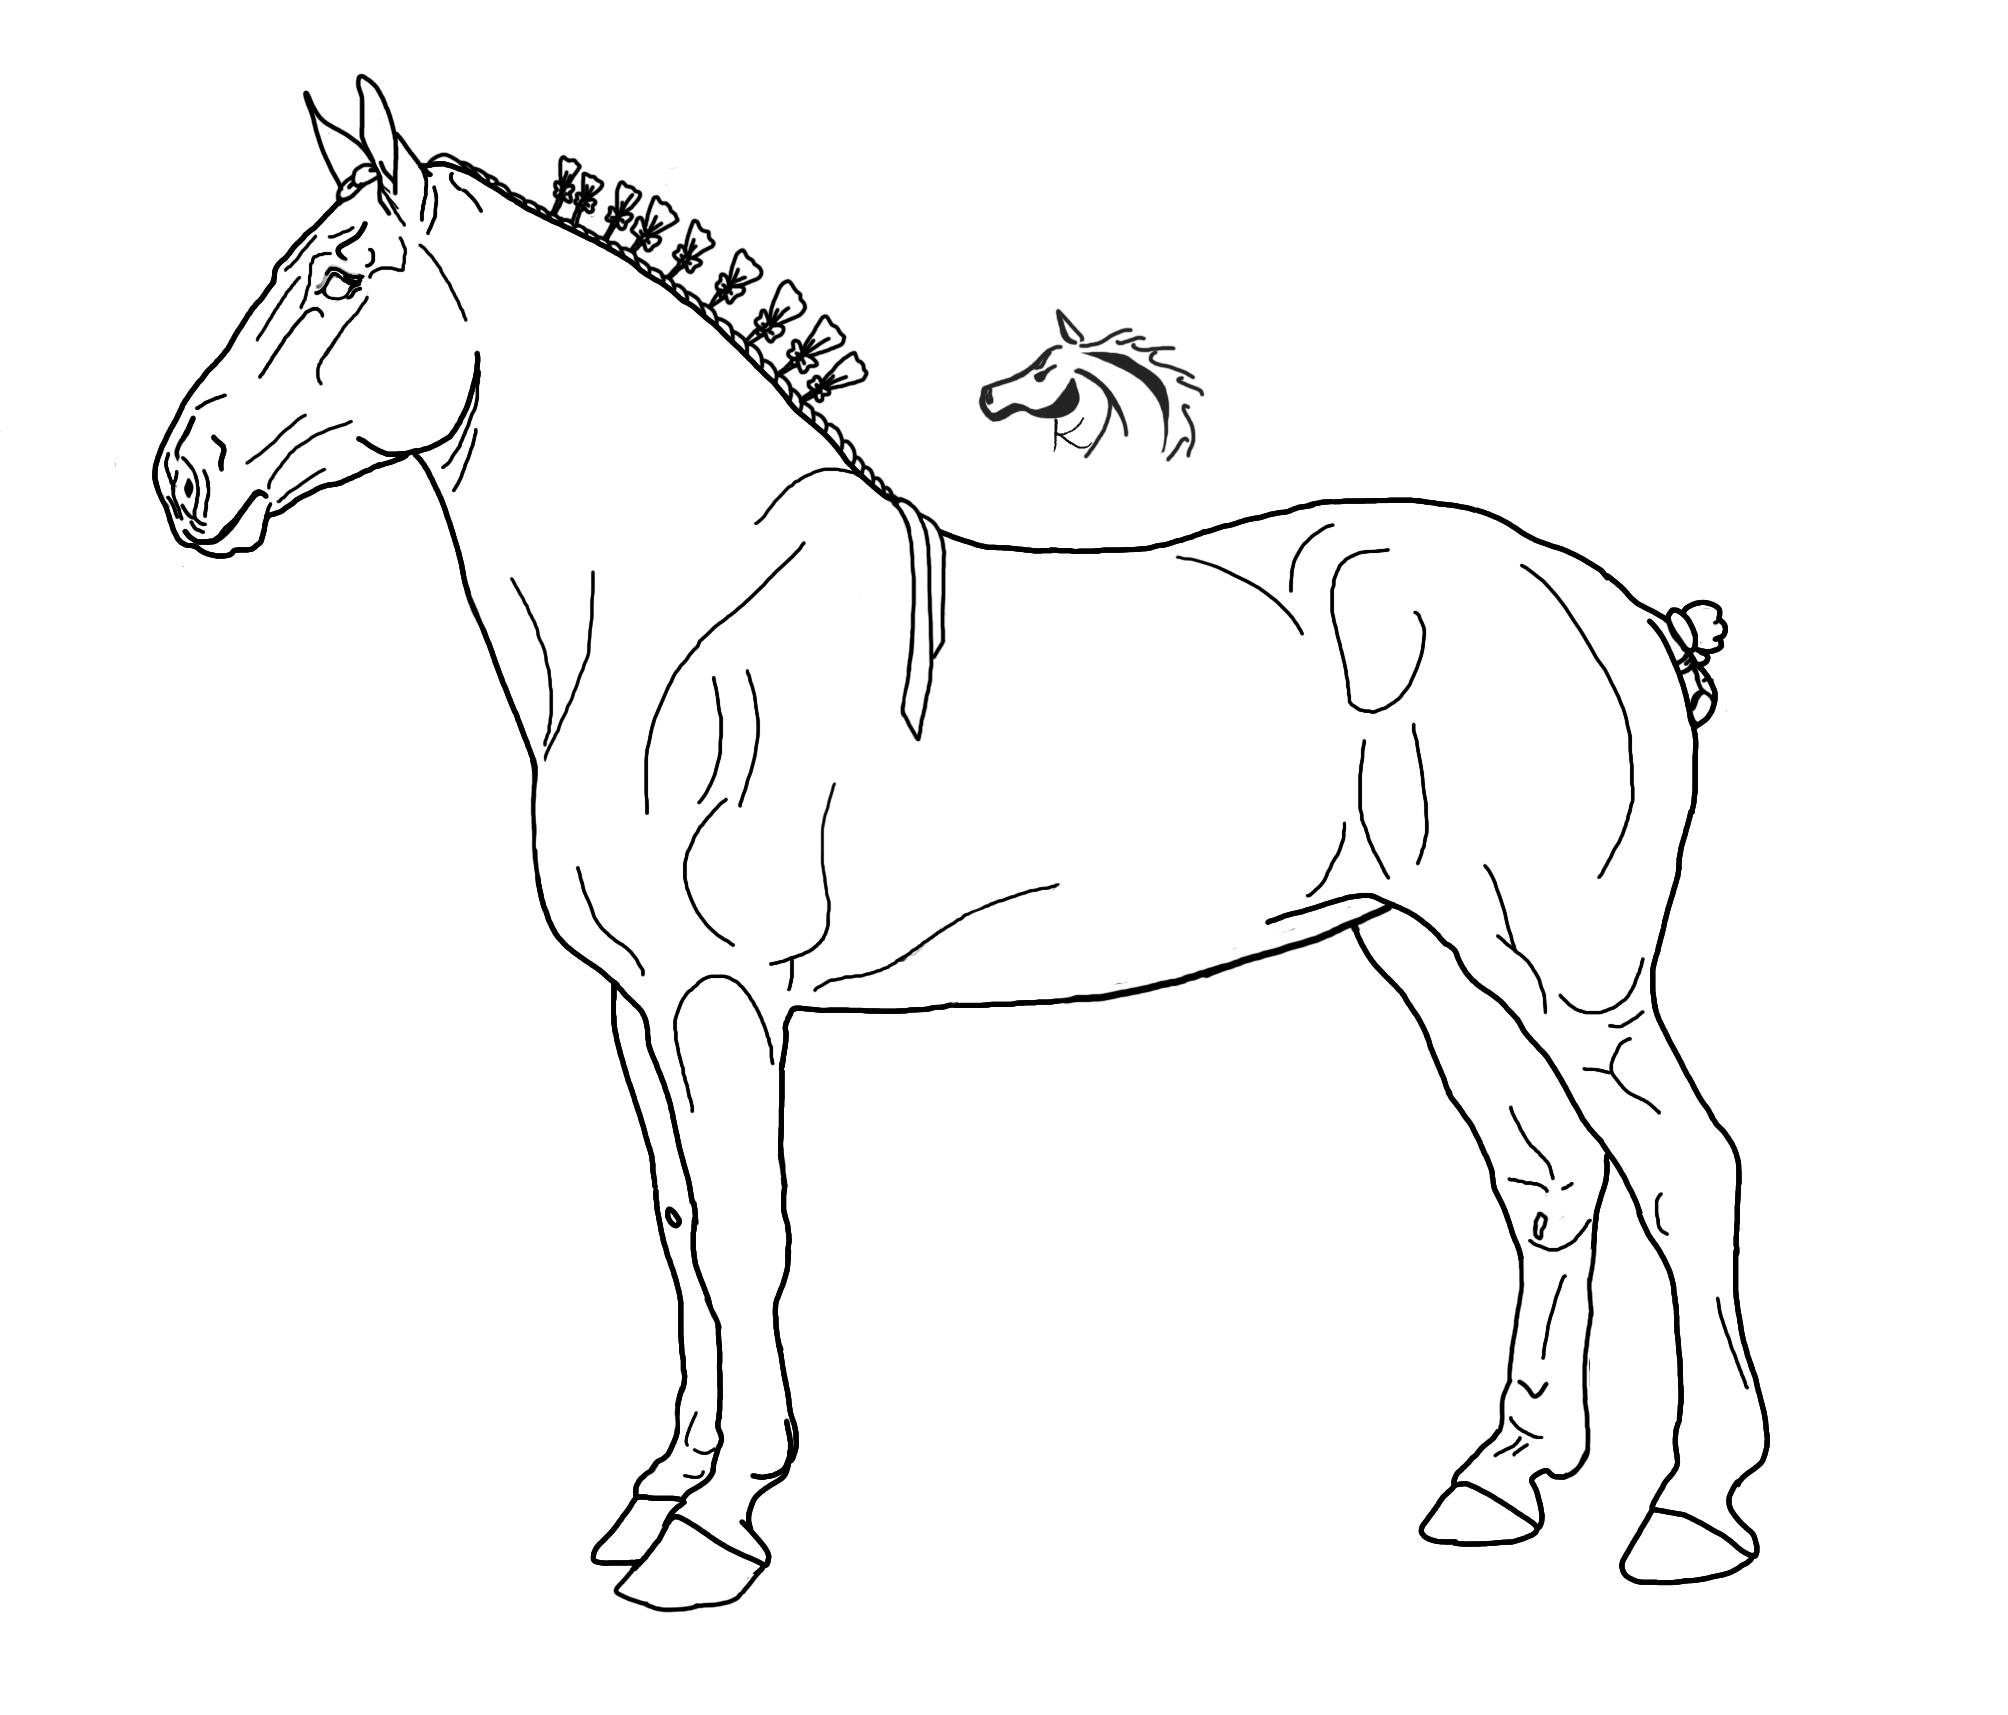 Carabao Drawing At Getdrawings Free For Personal Use Carabao